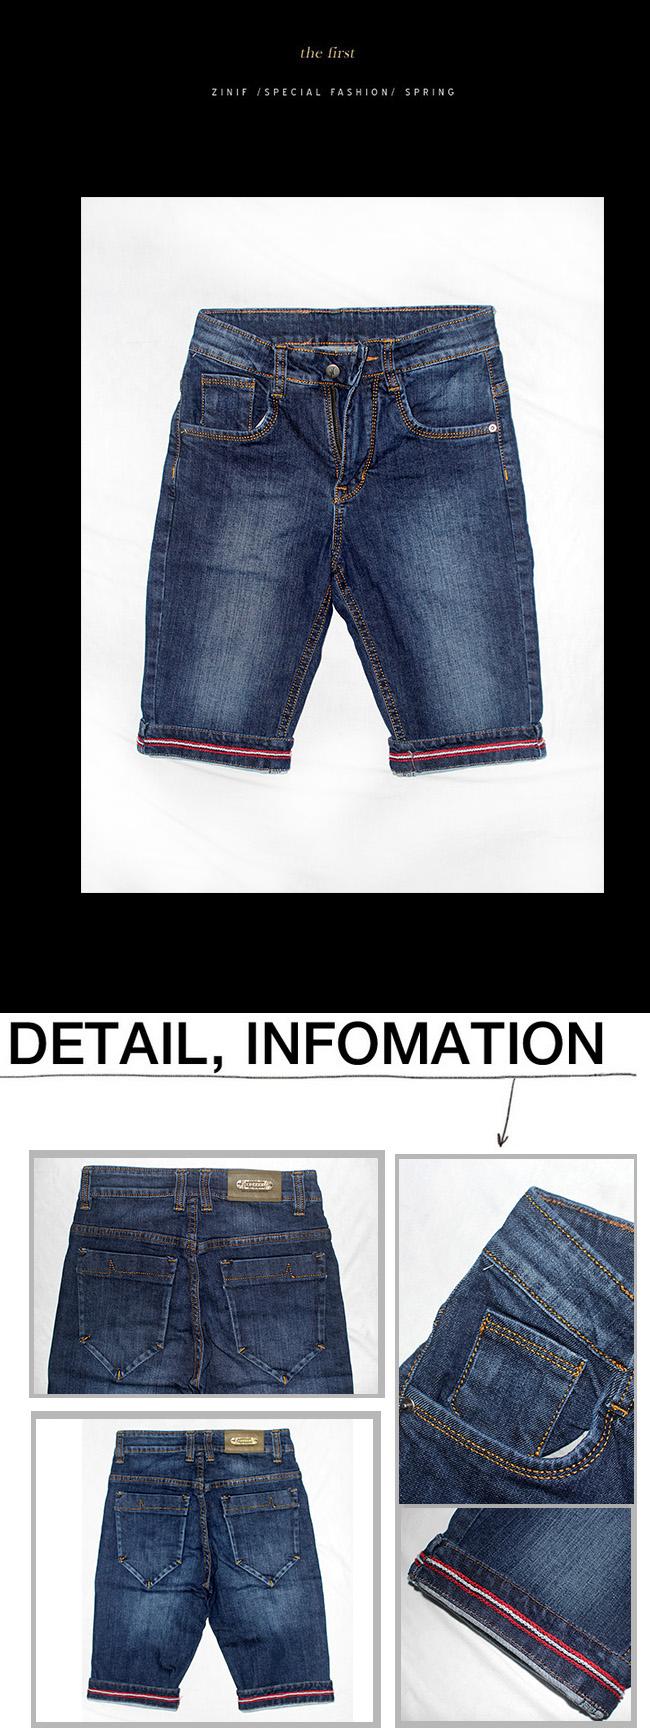 Quần short jeans xanh đen qs18 - 1